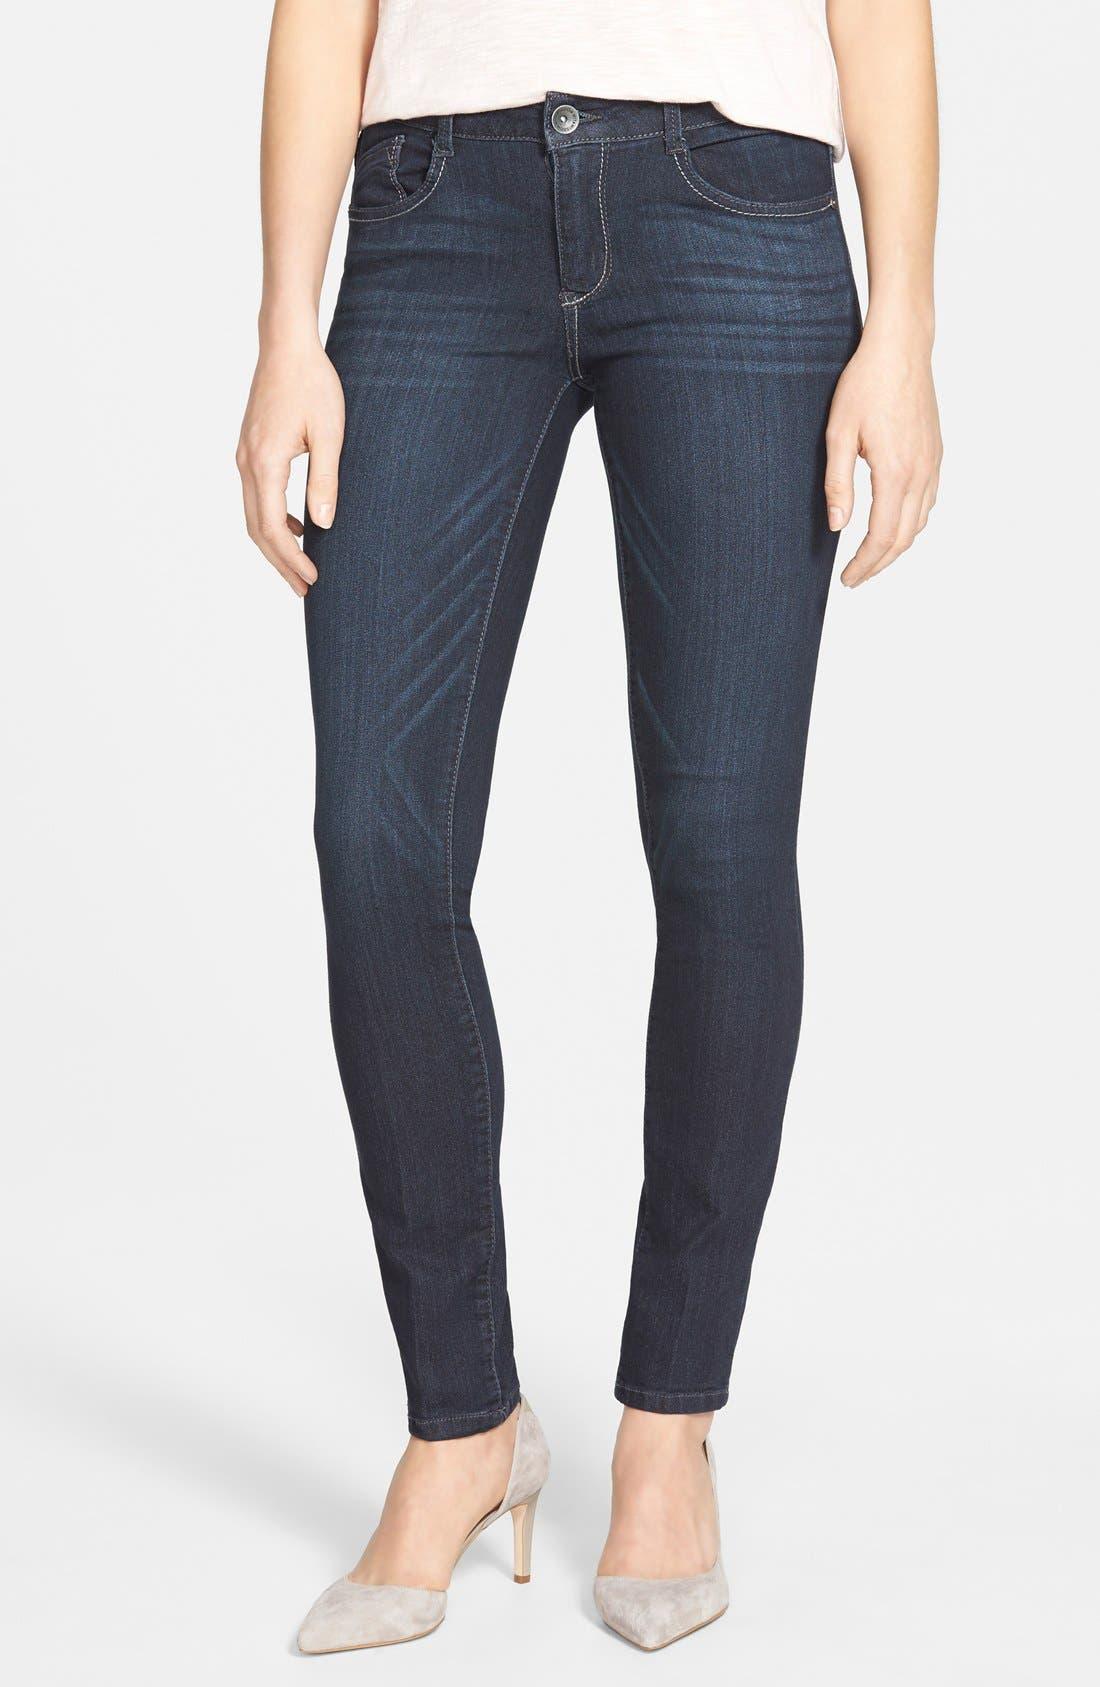 Wit & Wisdom Super Smooth Stretch Denim Skinny Jeans (Dark Navy ...